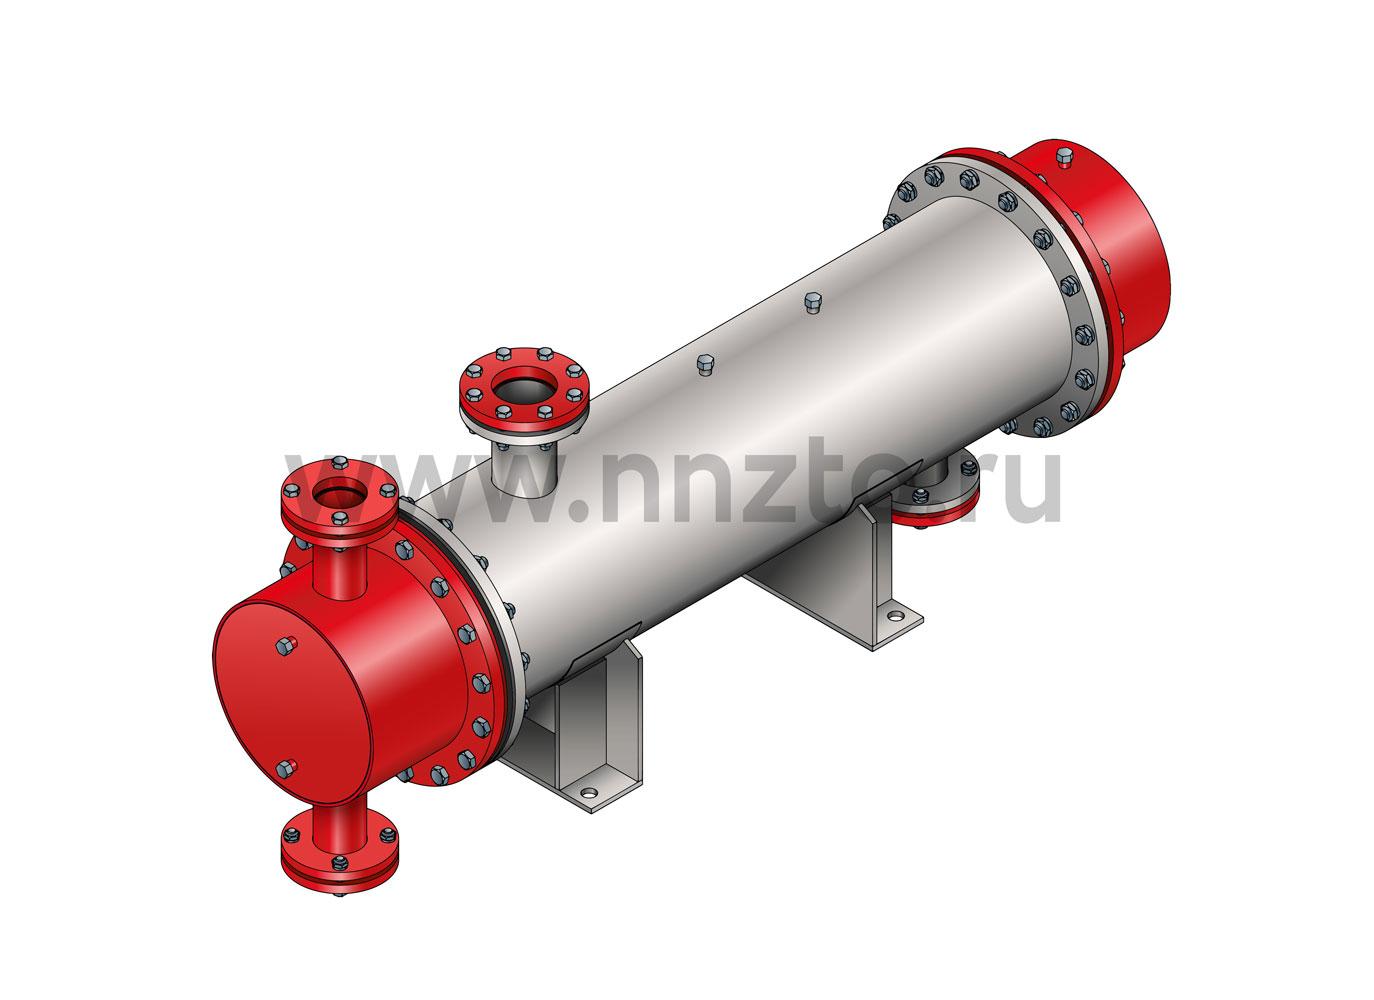 Кожухотрубный теплообменник купить в москве Кожухотрубный испаритель Alfa Laval DM3-326-3 Северск